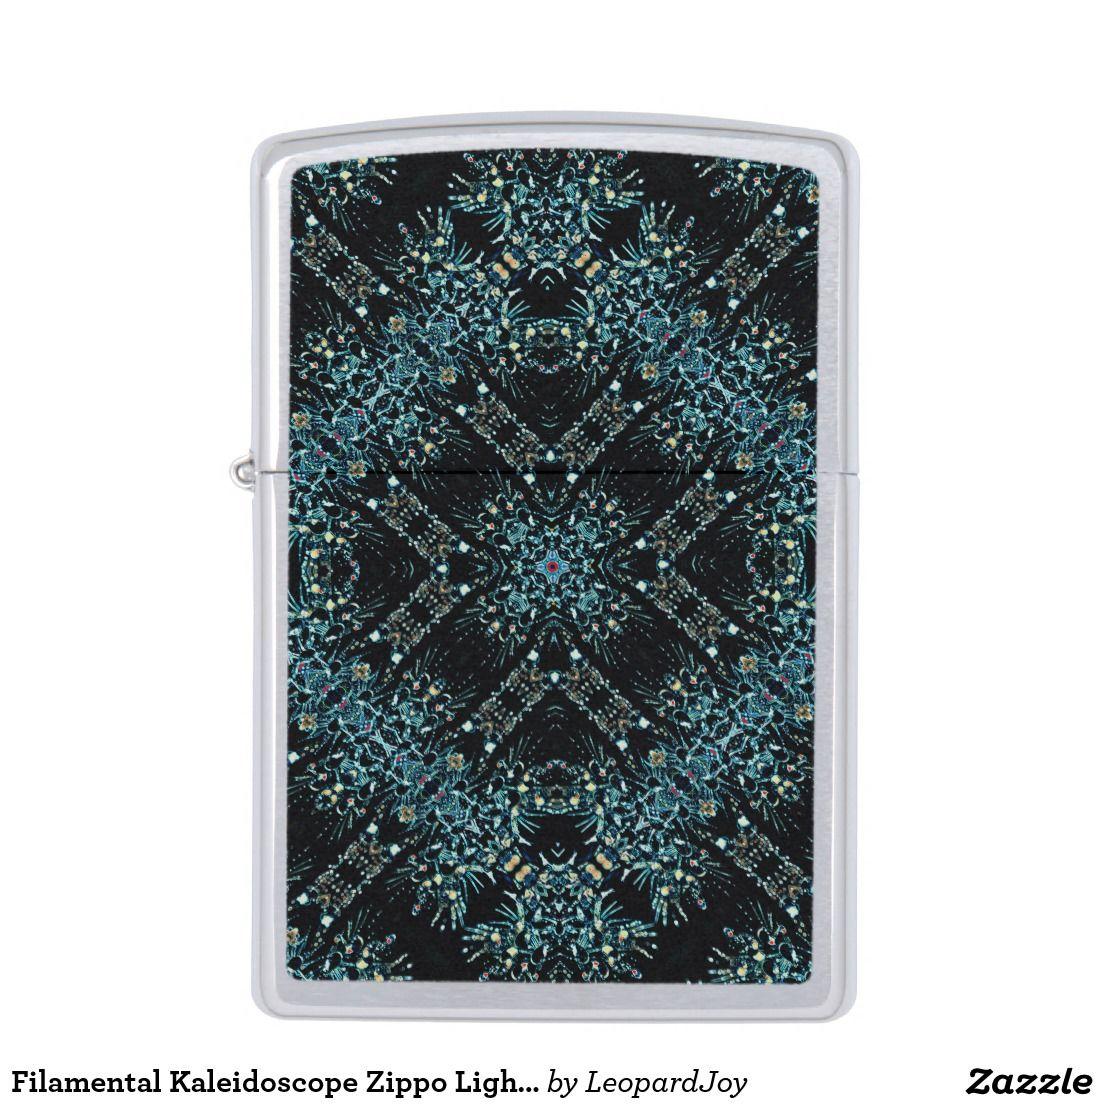 Filamental Kaleidoscope Zippo Lighter, by Joy McKenzie, on zazzle.com